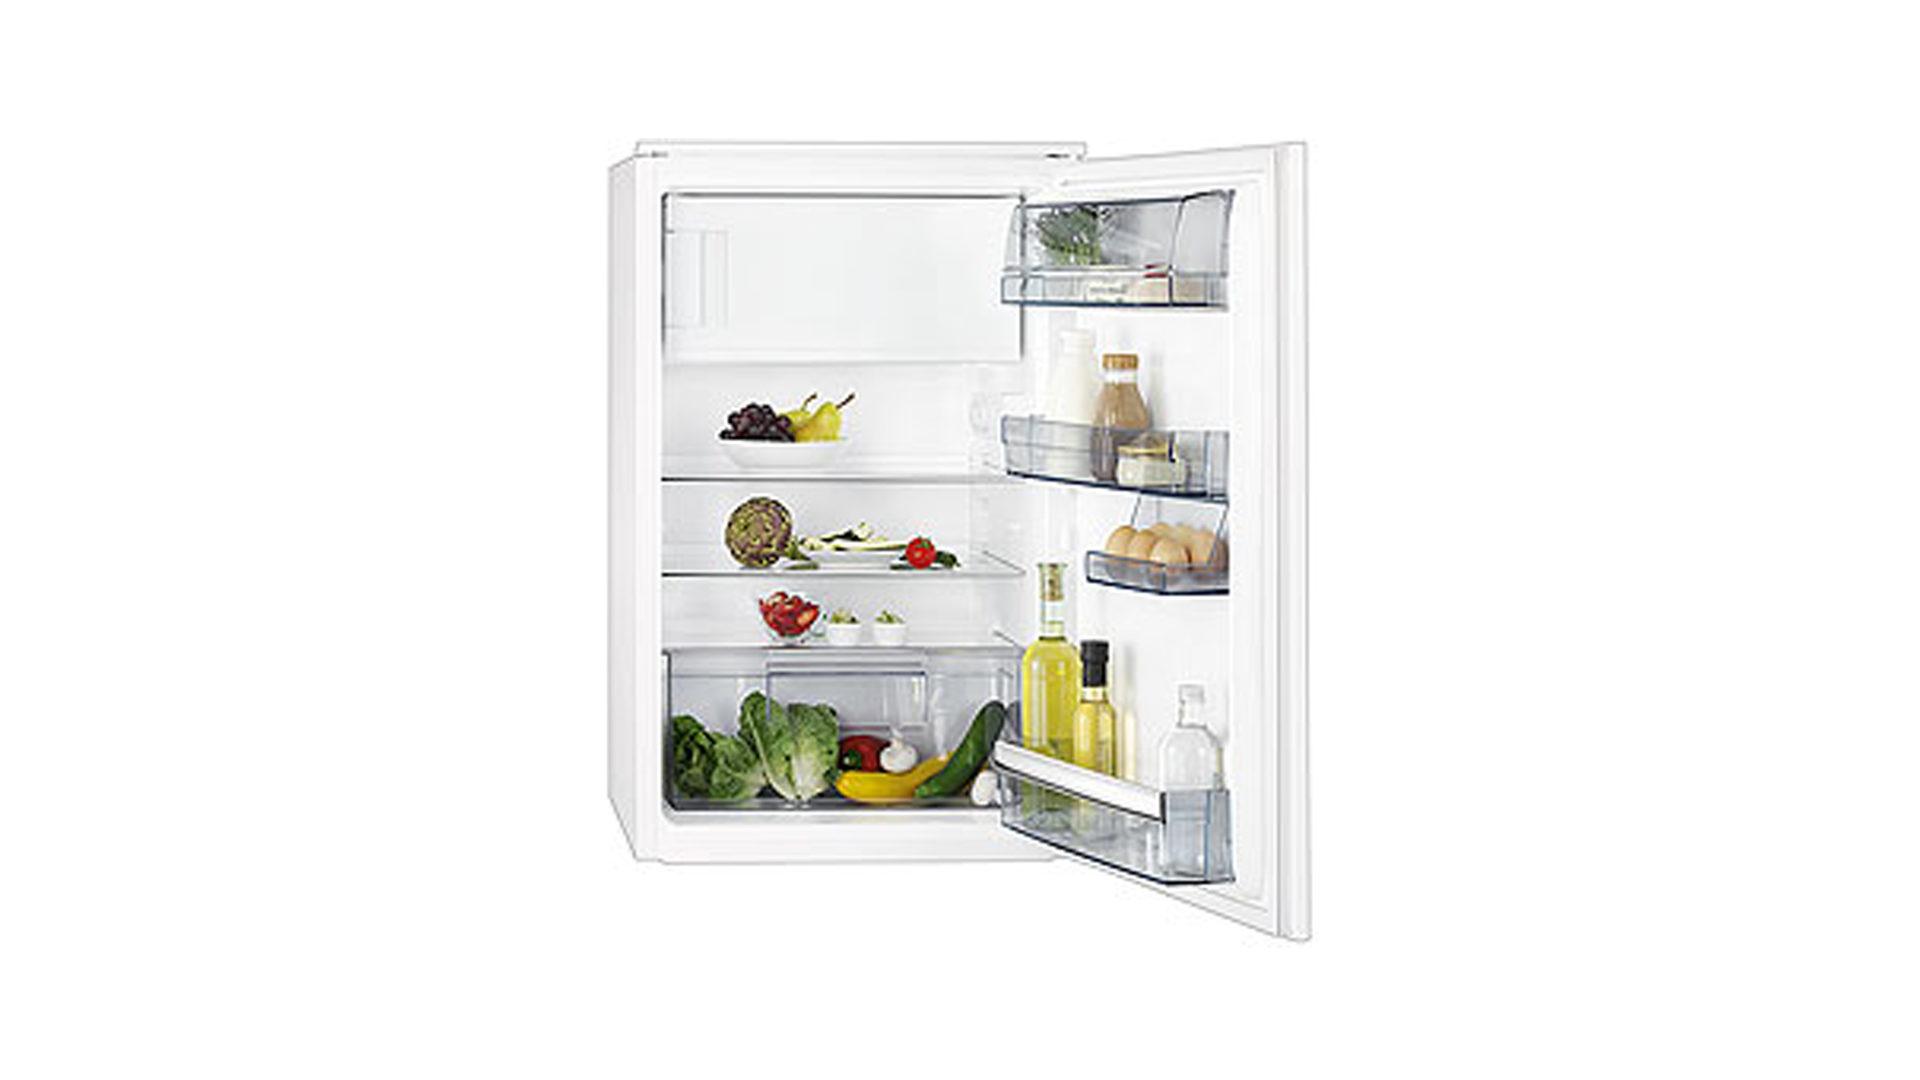 Aeg Kühlschrank Laut : Aeg kühlschrank mit gefrierfach sd884s2 nutzinhalt ca. 123 liter